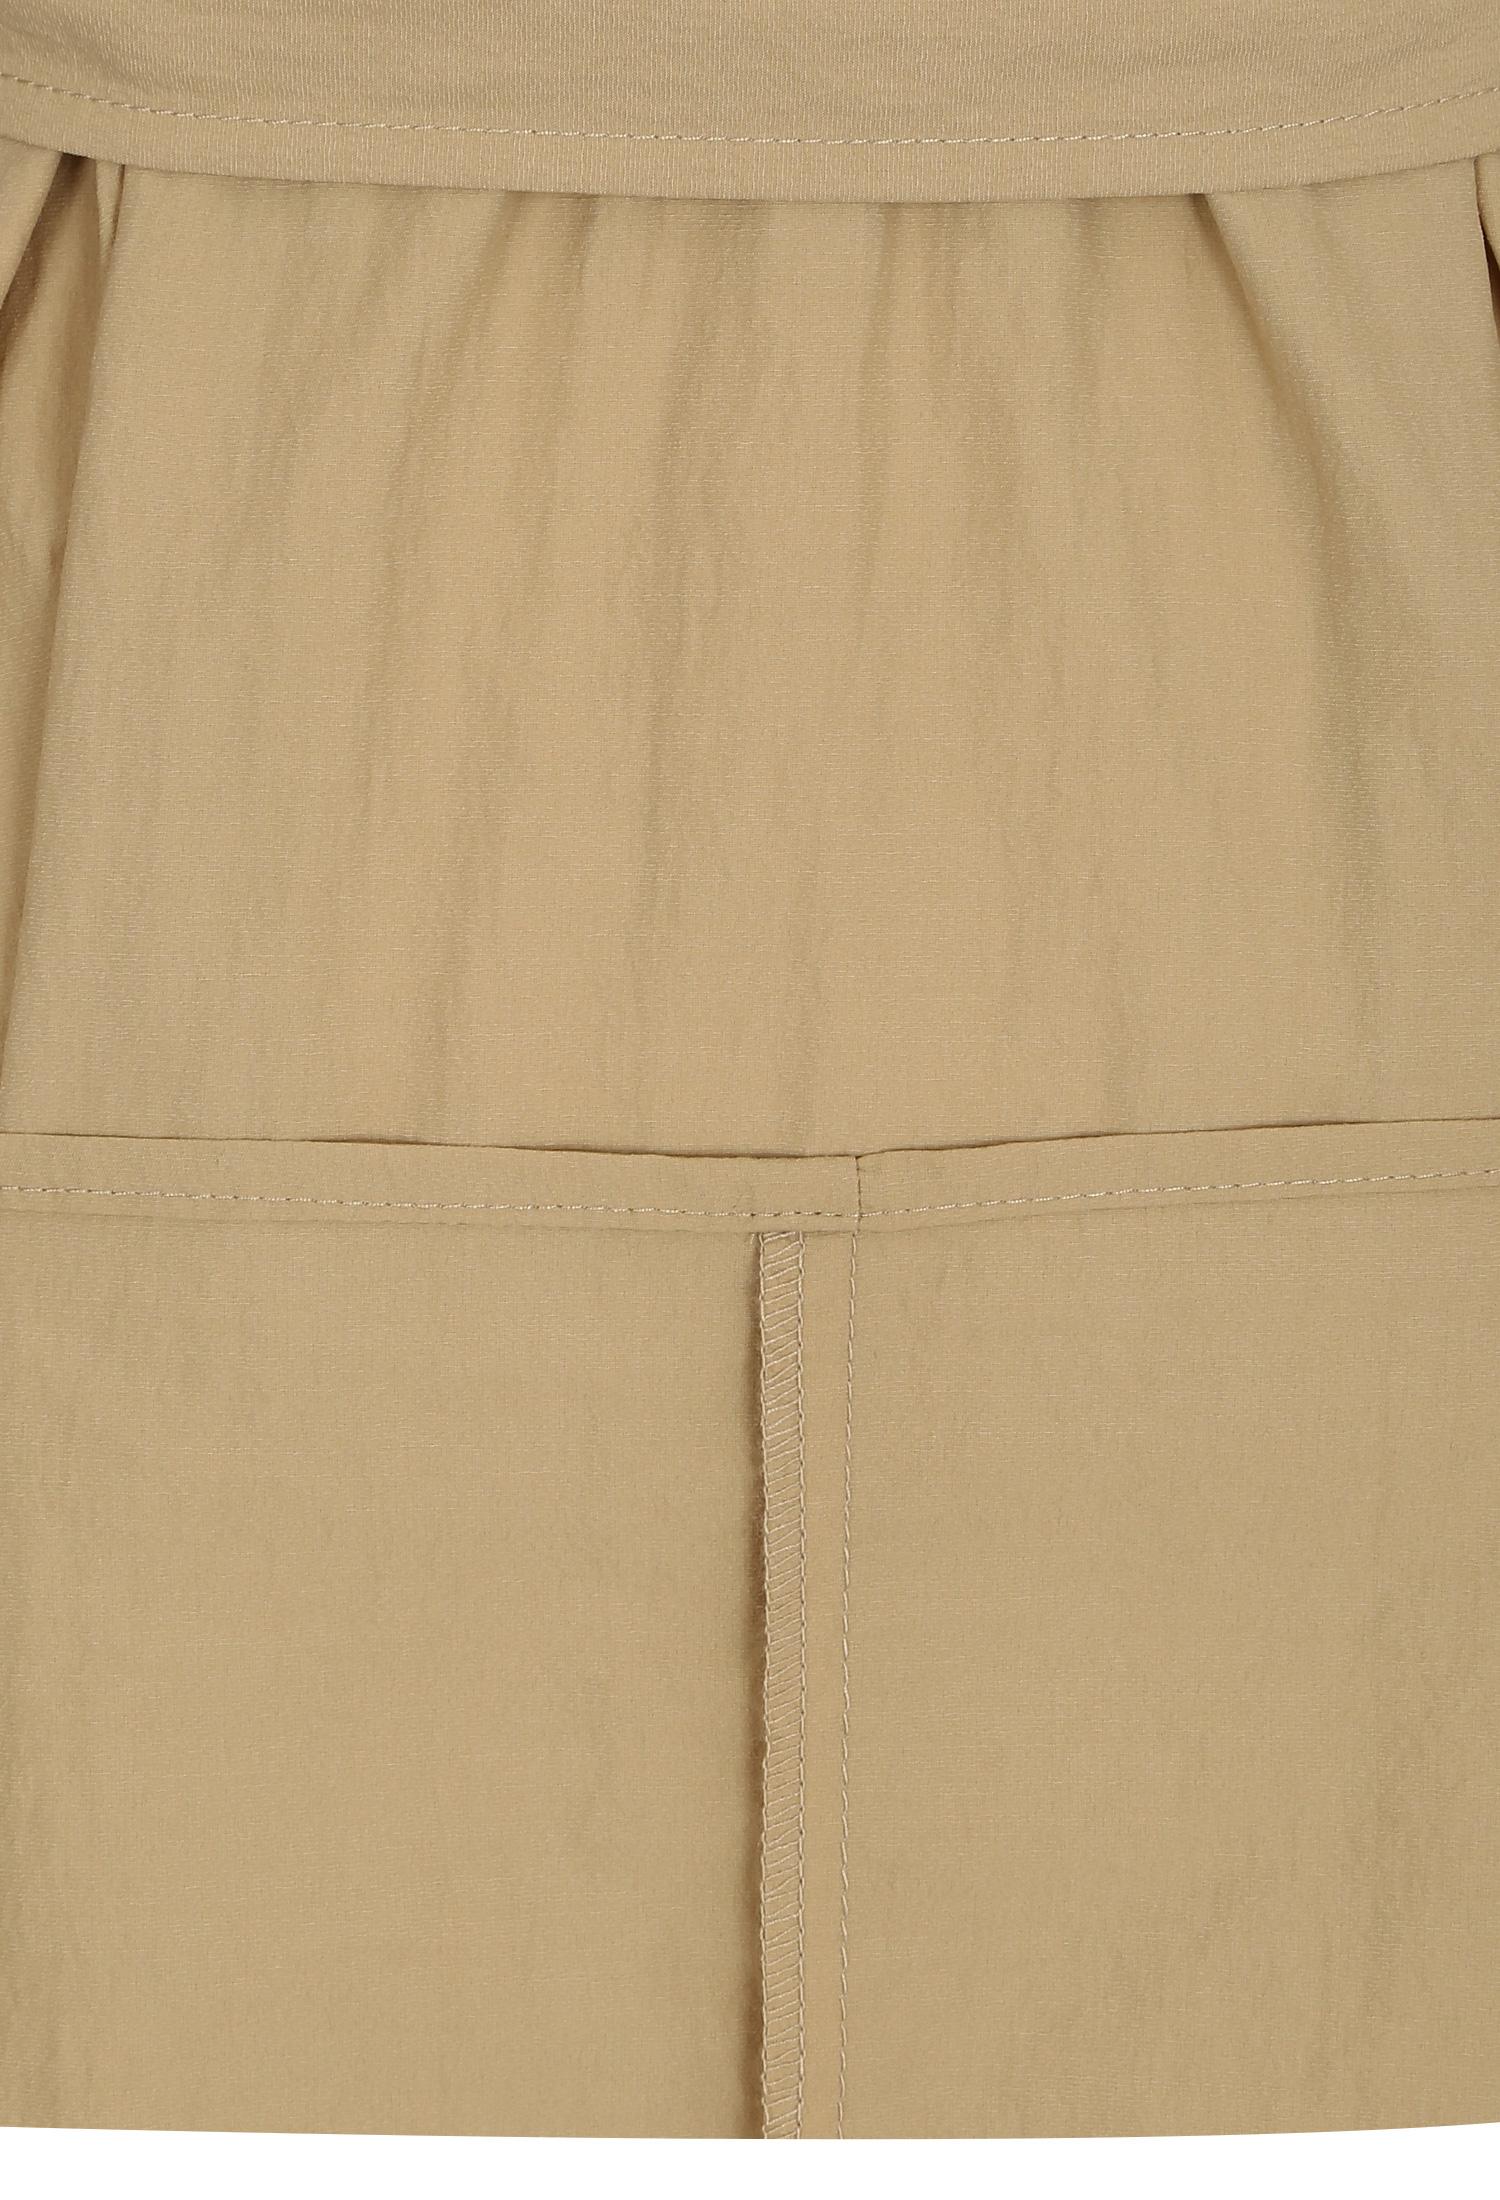 백 밴딩 패널 셔츠 원피스 (BEIGE)